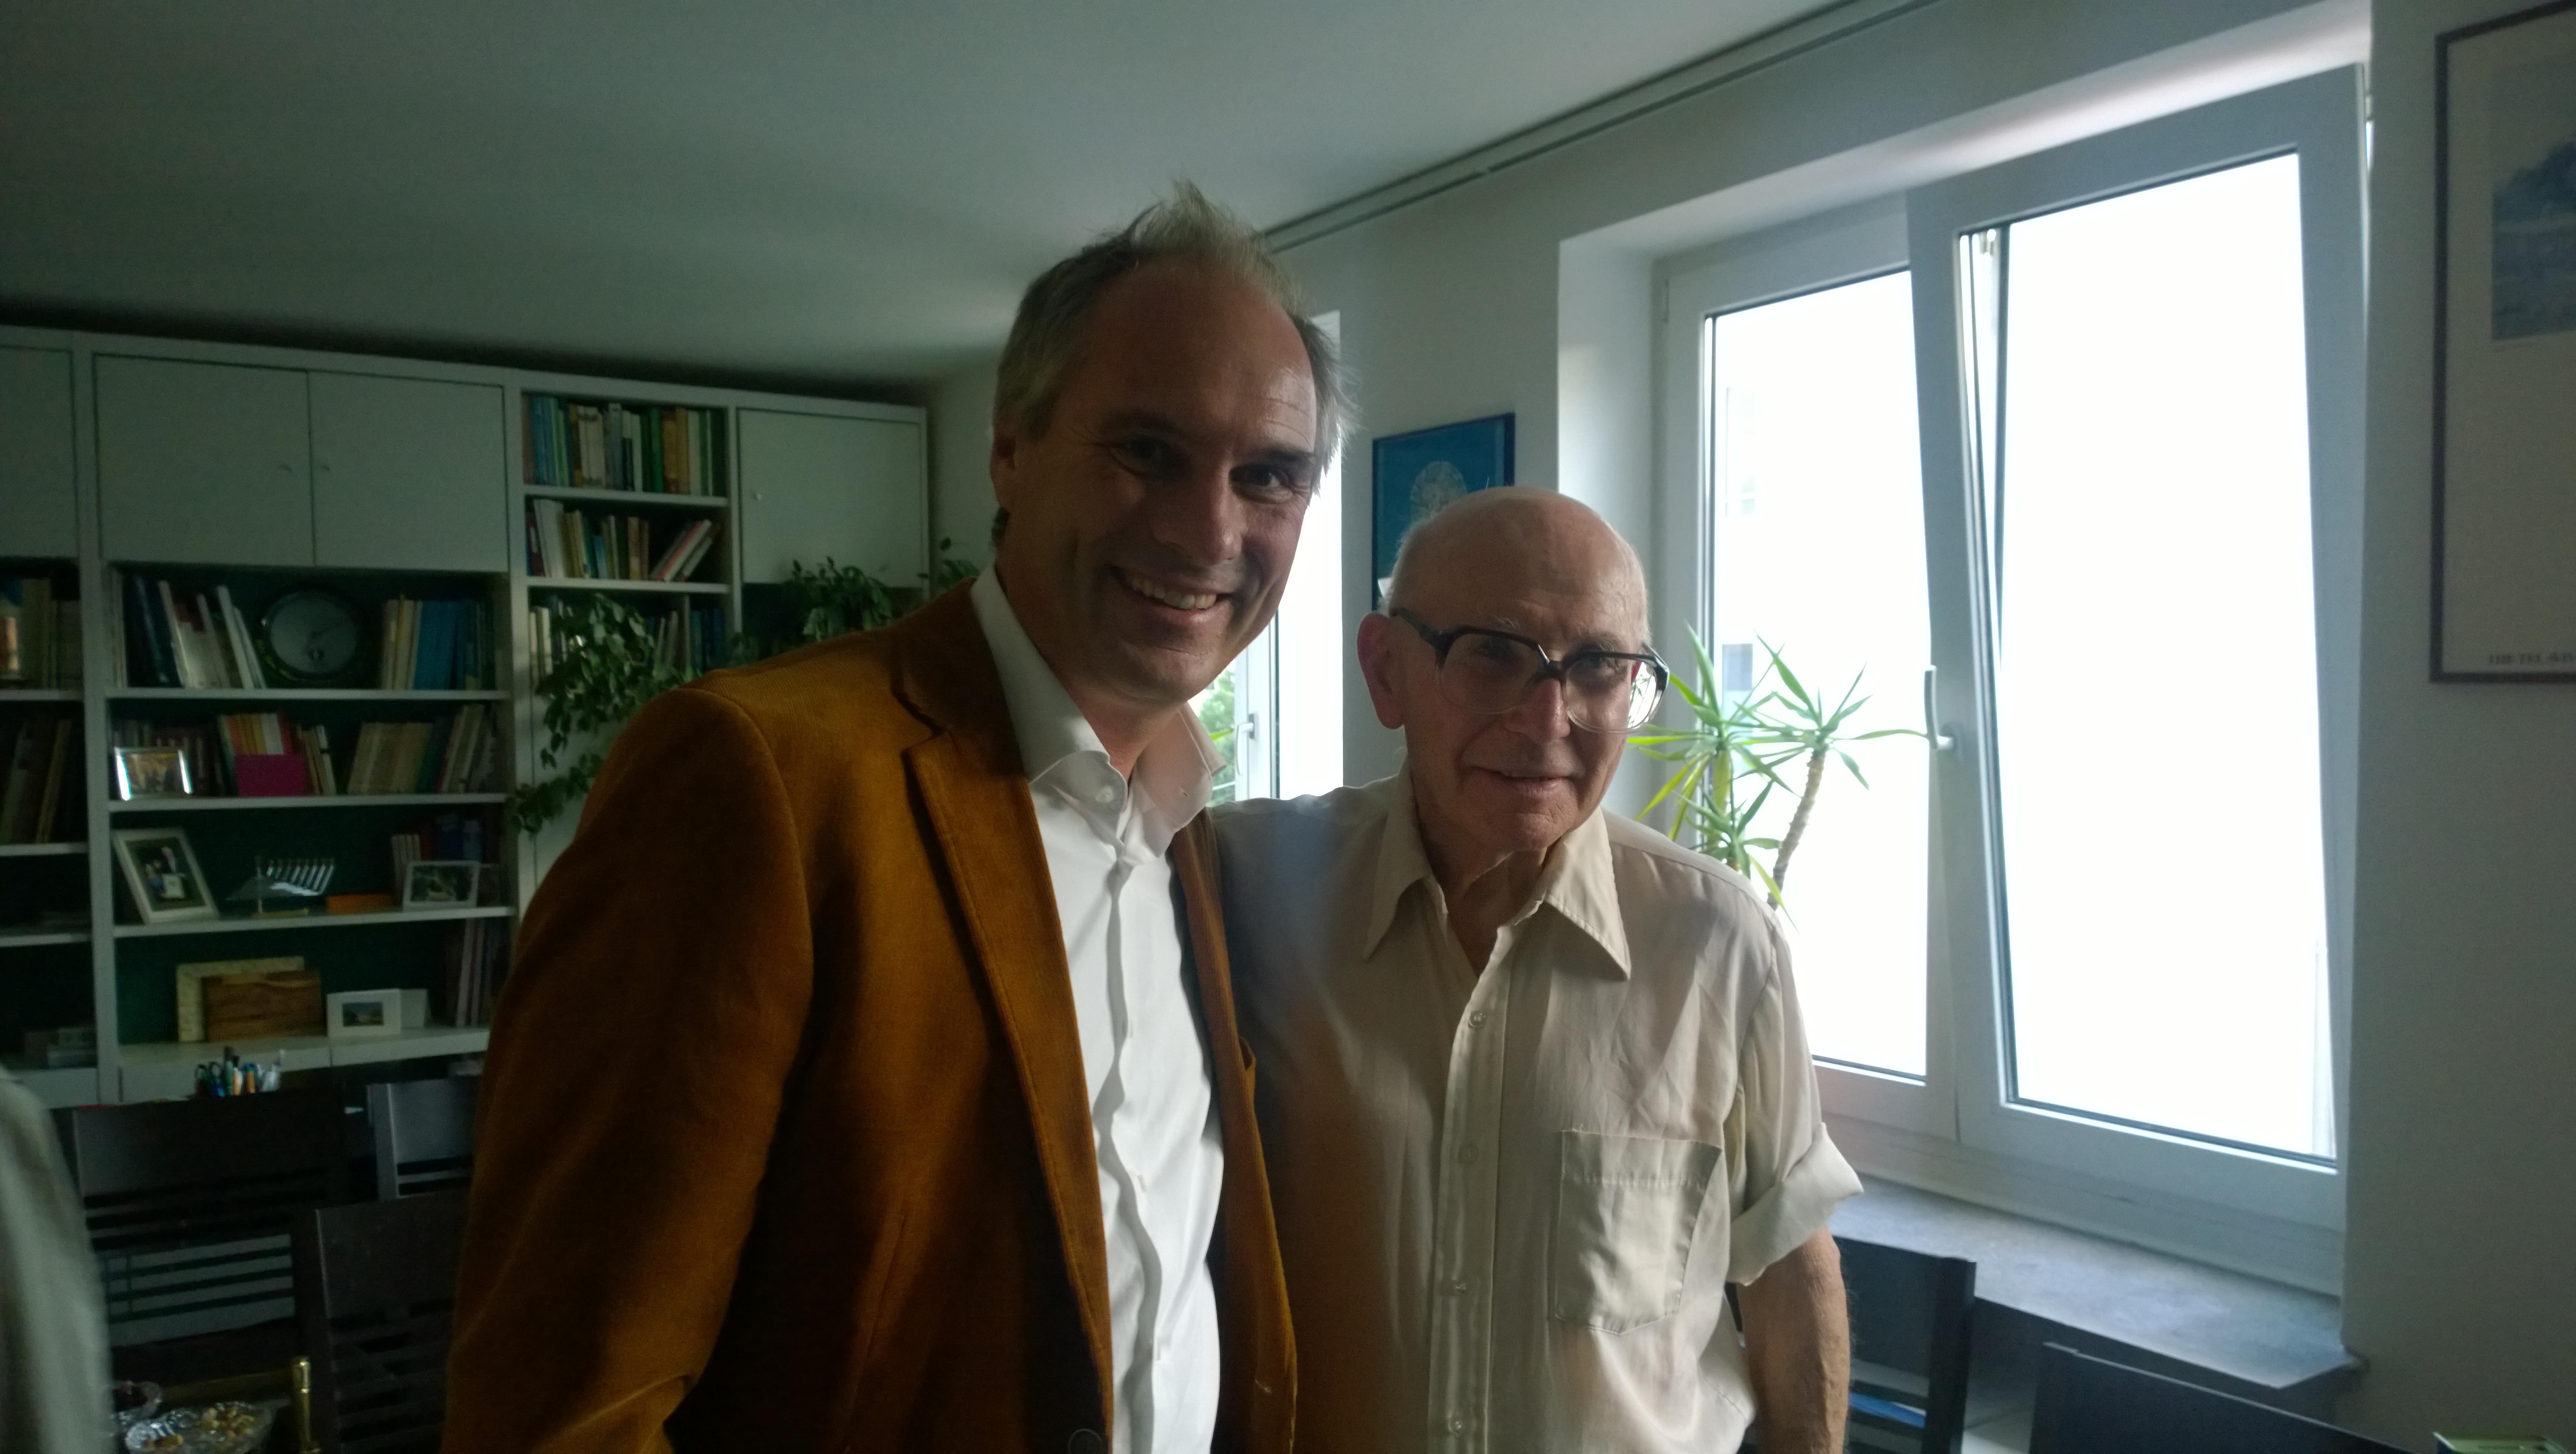 Shaul Ladany (1972 Mitglied der israelischen Olympia-Mannschaft) mit Christian Seebauer (Vorstand der Shvil Israel Pilgergesellschaft e.V.)